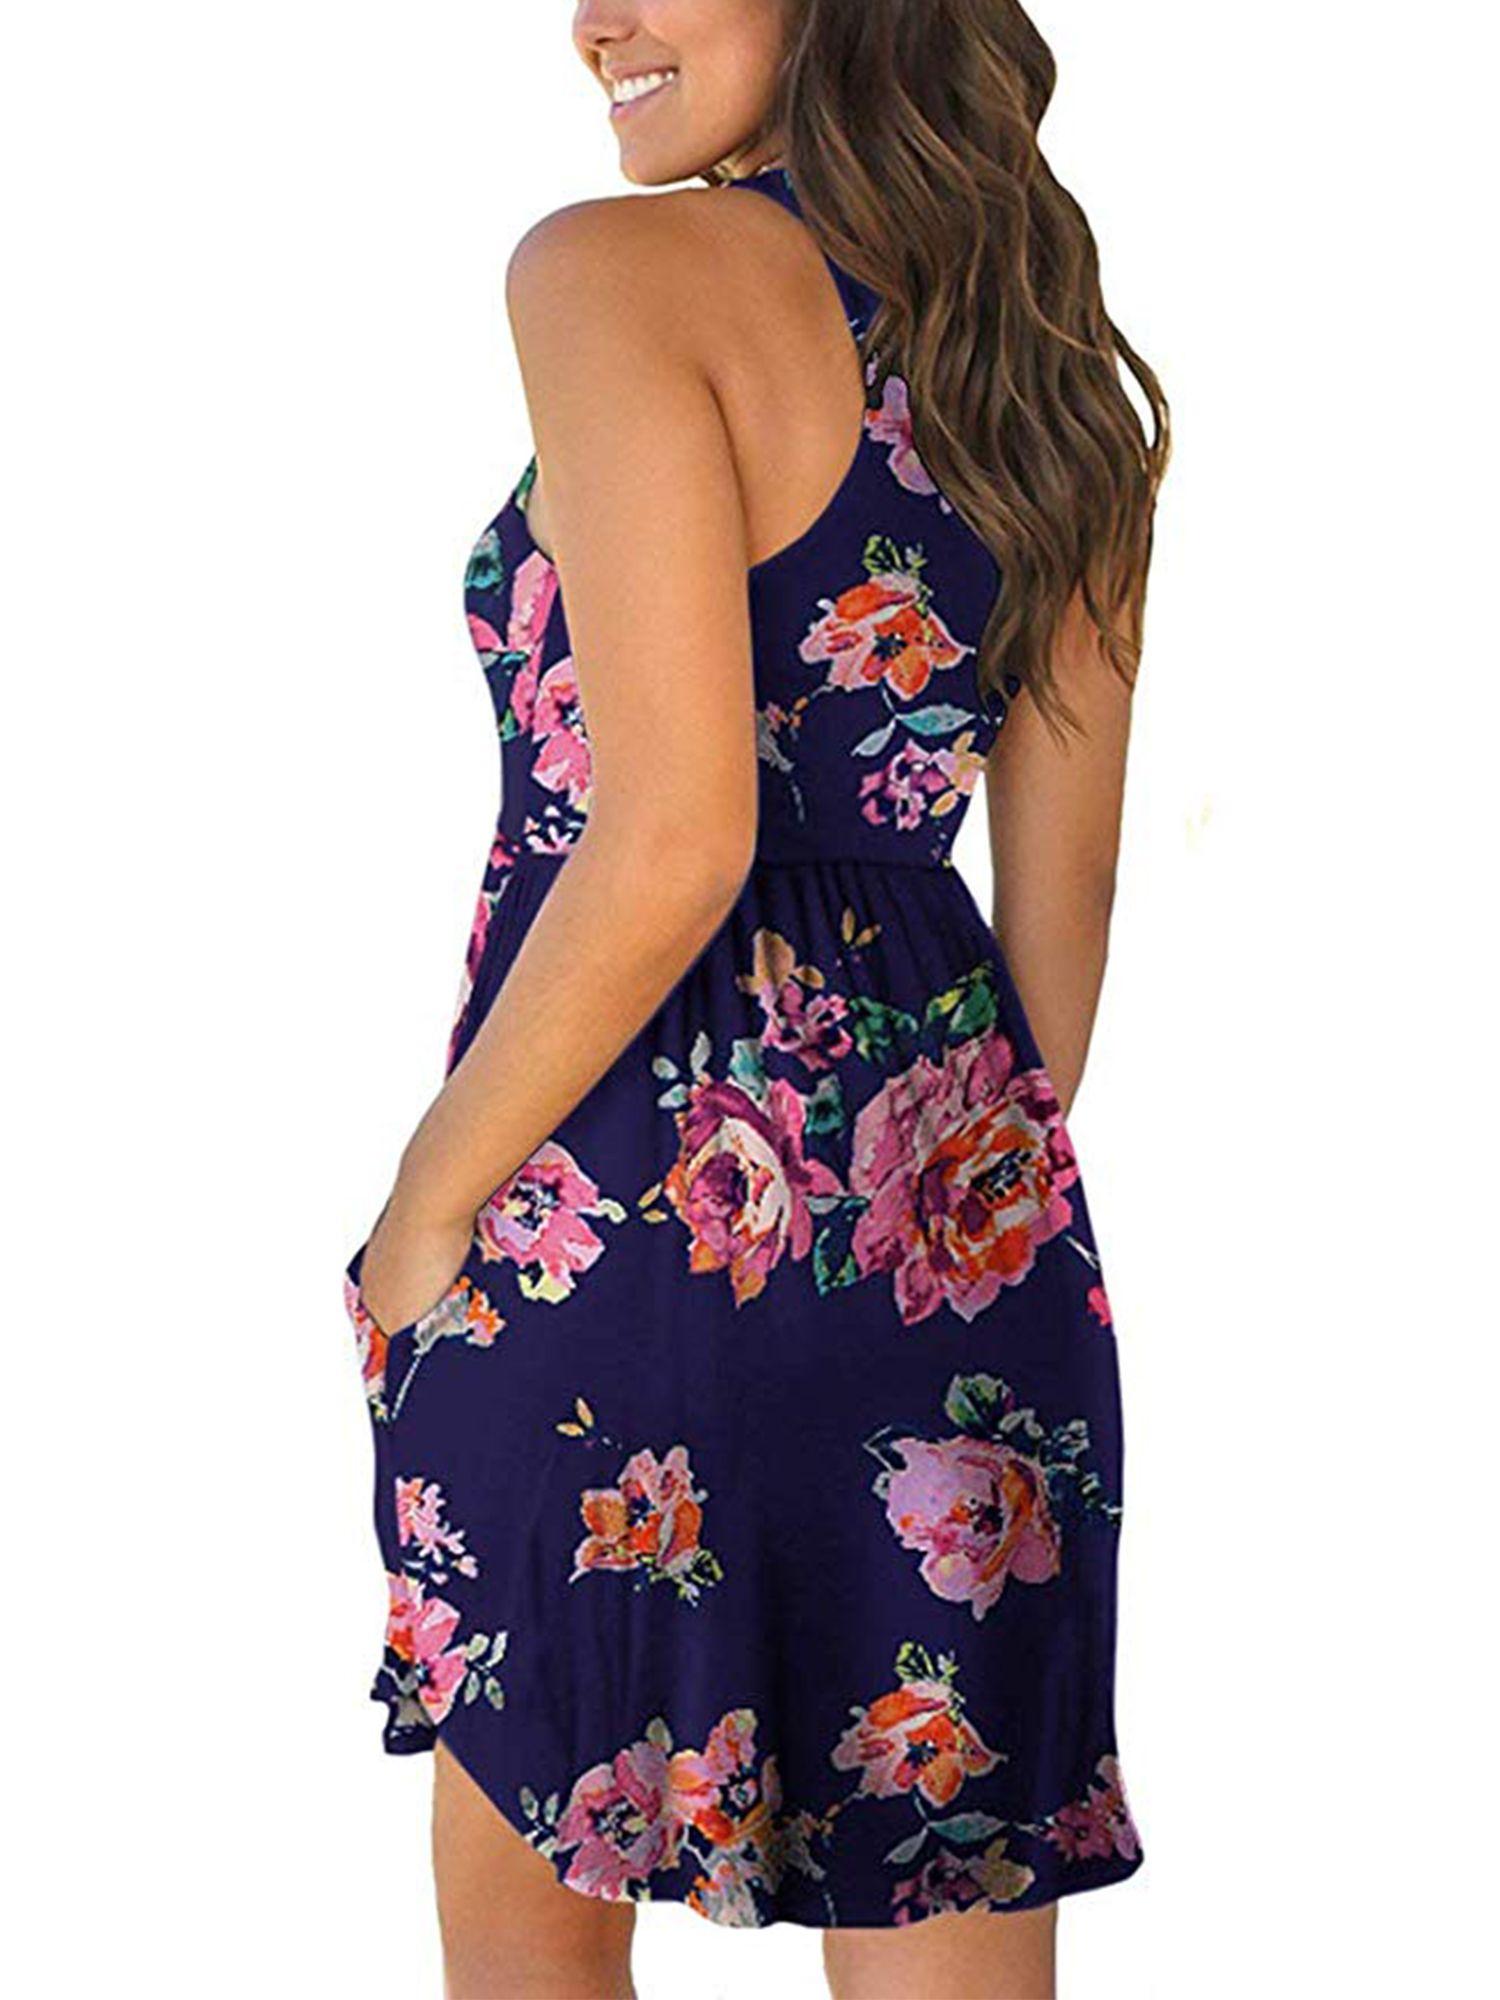 Womens Dress Summer Holiday Casual Sleeveless Irregular Dress Mini Dress Beach Tank Dress Party Dresses Sundresses